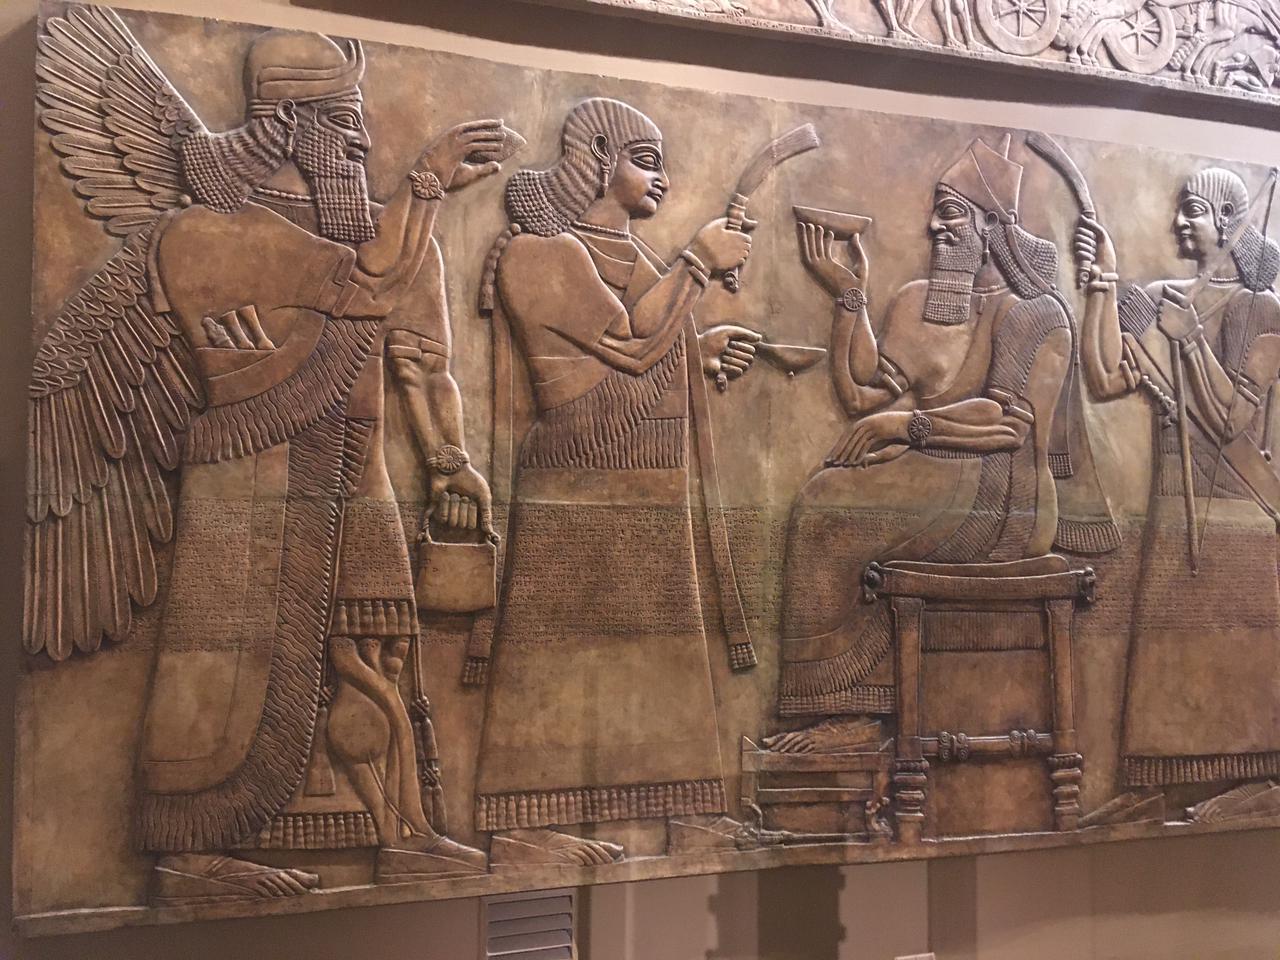 Символизм Древней Месопотамии в ГМИИ им. А. С. Пушкина